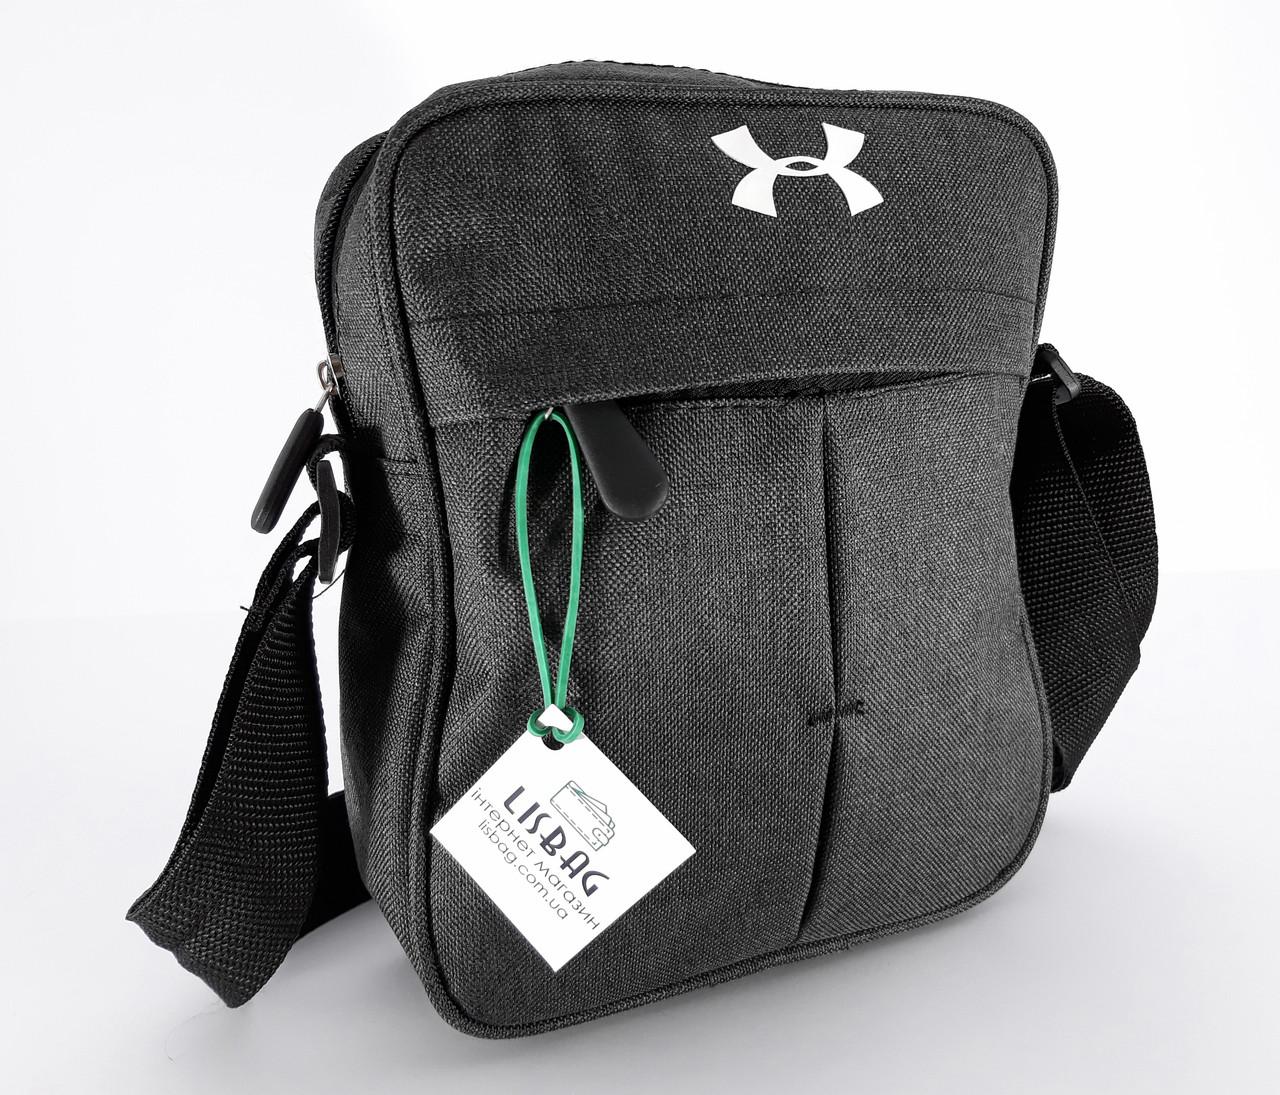 16c61ee9733e Мужская спортивная сумка мессенджер-планшетка-барсетка UNDER ARMOUR реплика  люкс качества темно-серая